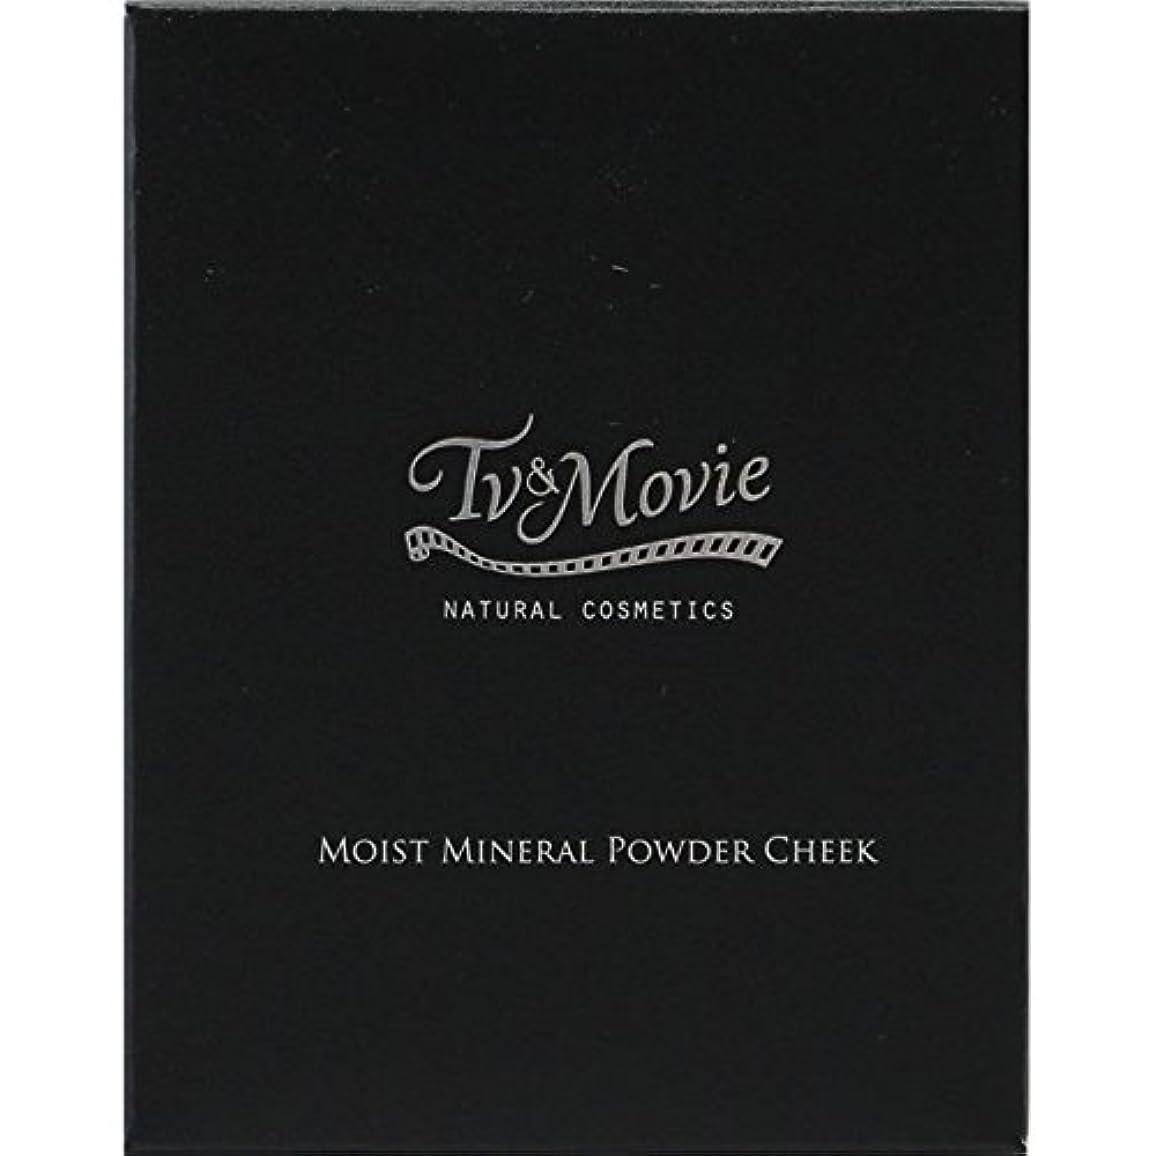 壁統計的チェリー【TV&MOVIE(ティビーアンドムービー) 】モイストミネラル パウダーチーク 5g (01エレガントピンク)